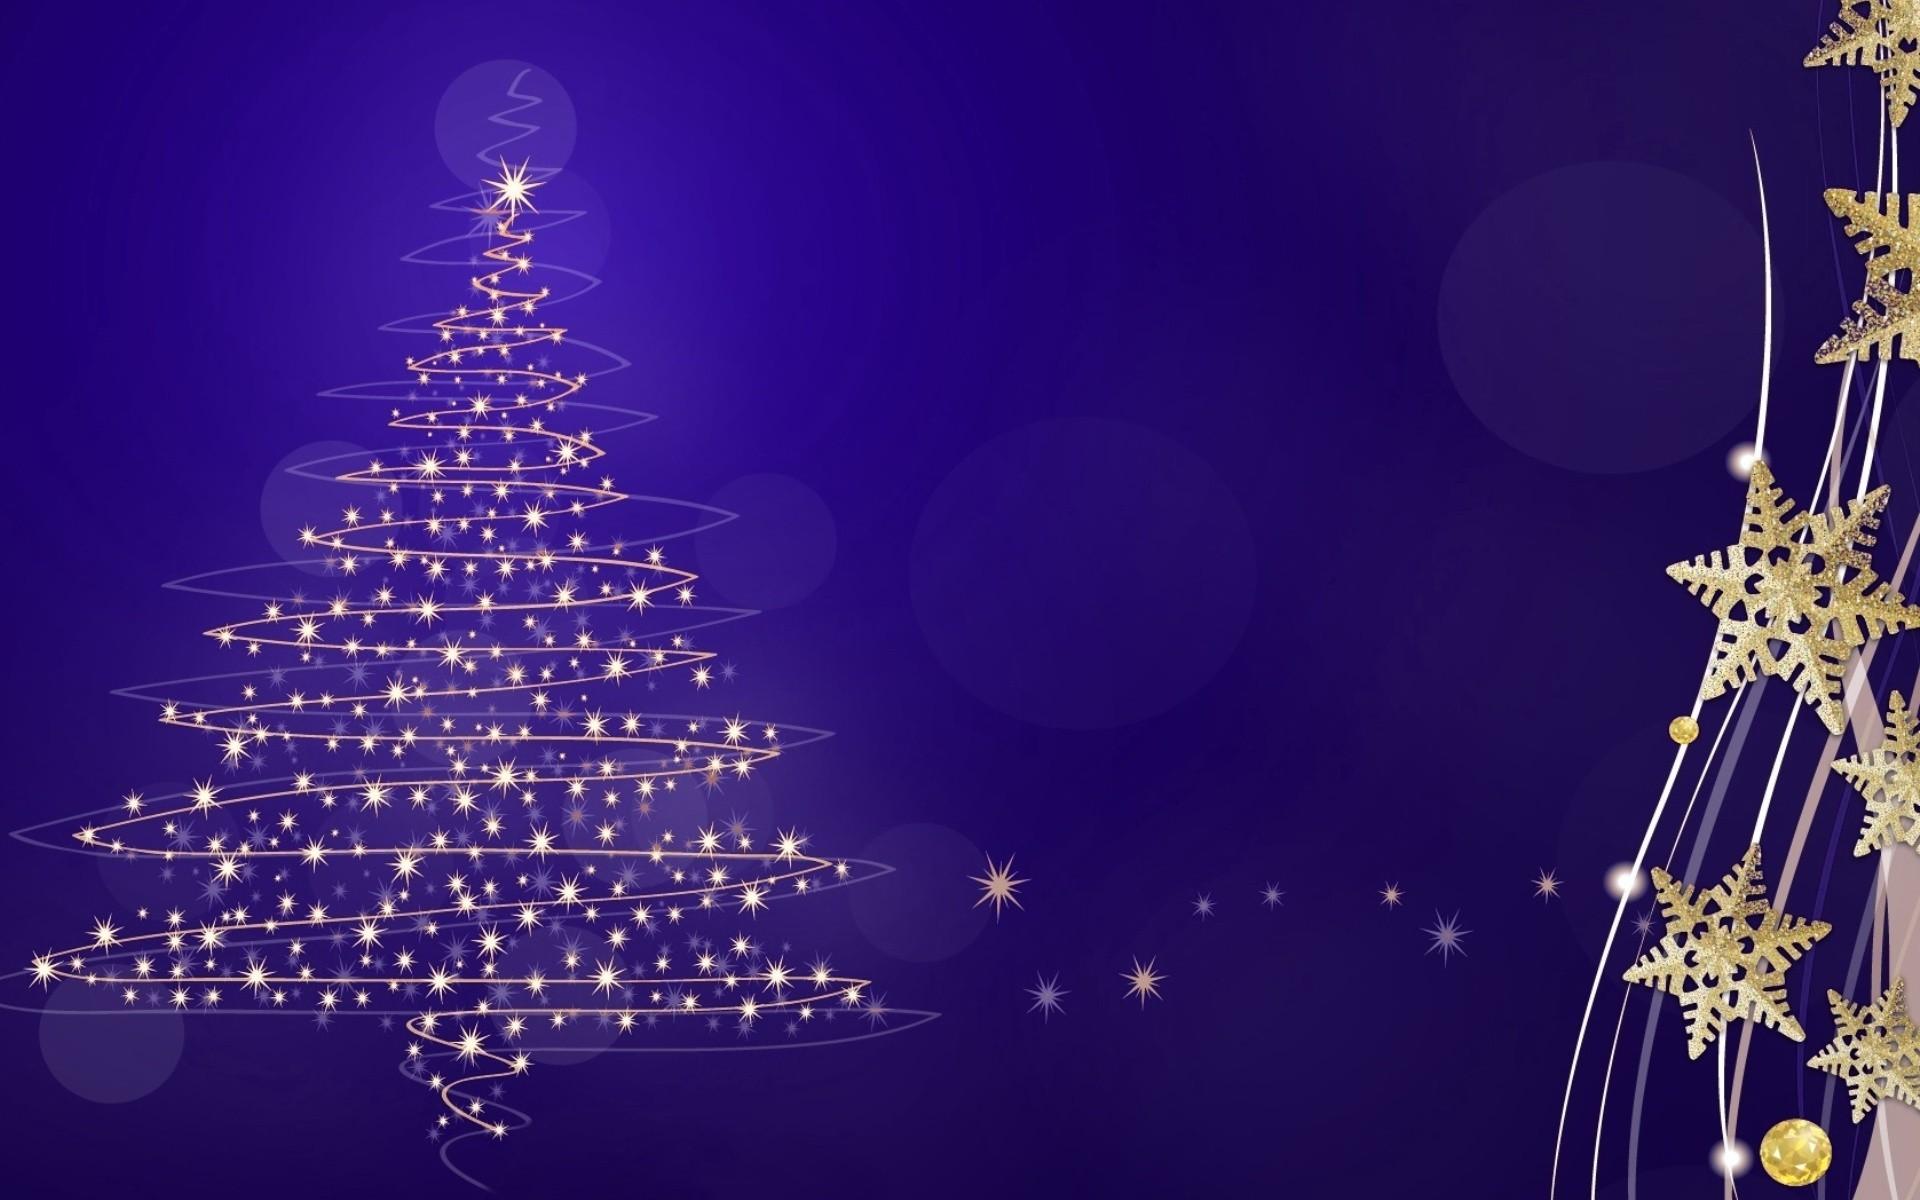 Картинка новогодней елки для открытки, дню защитника